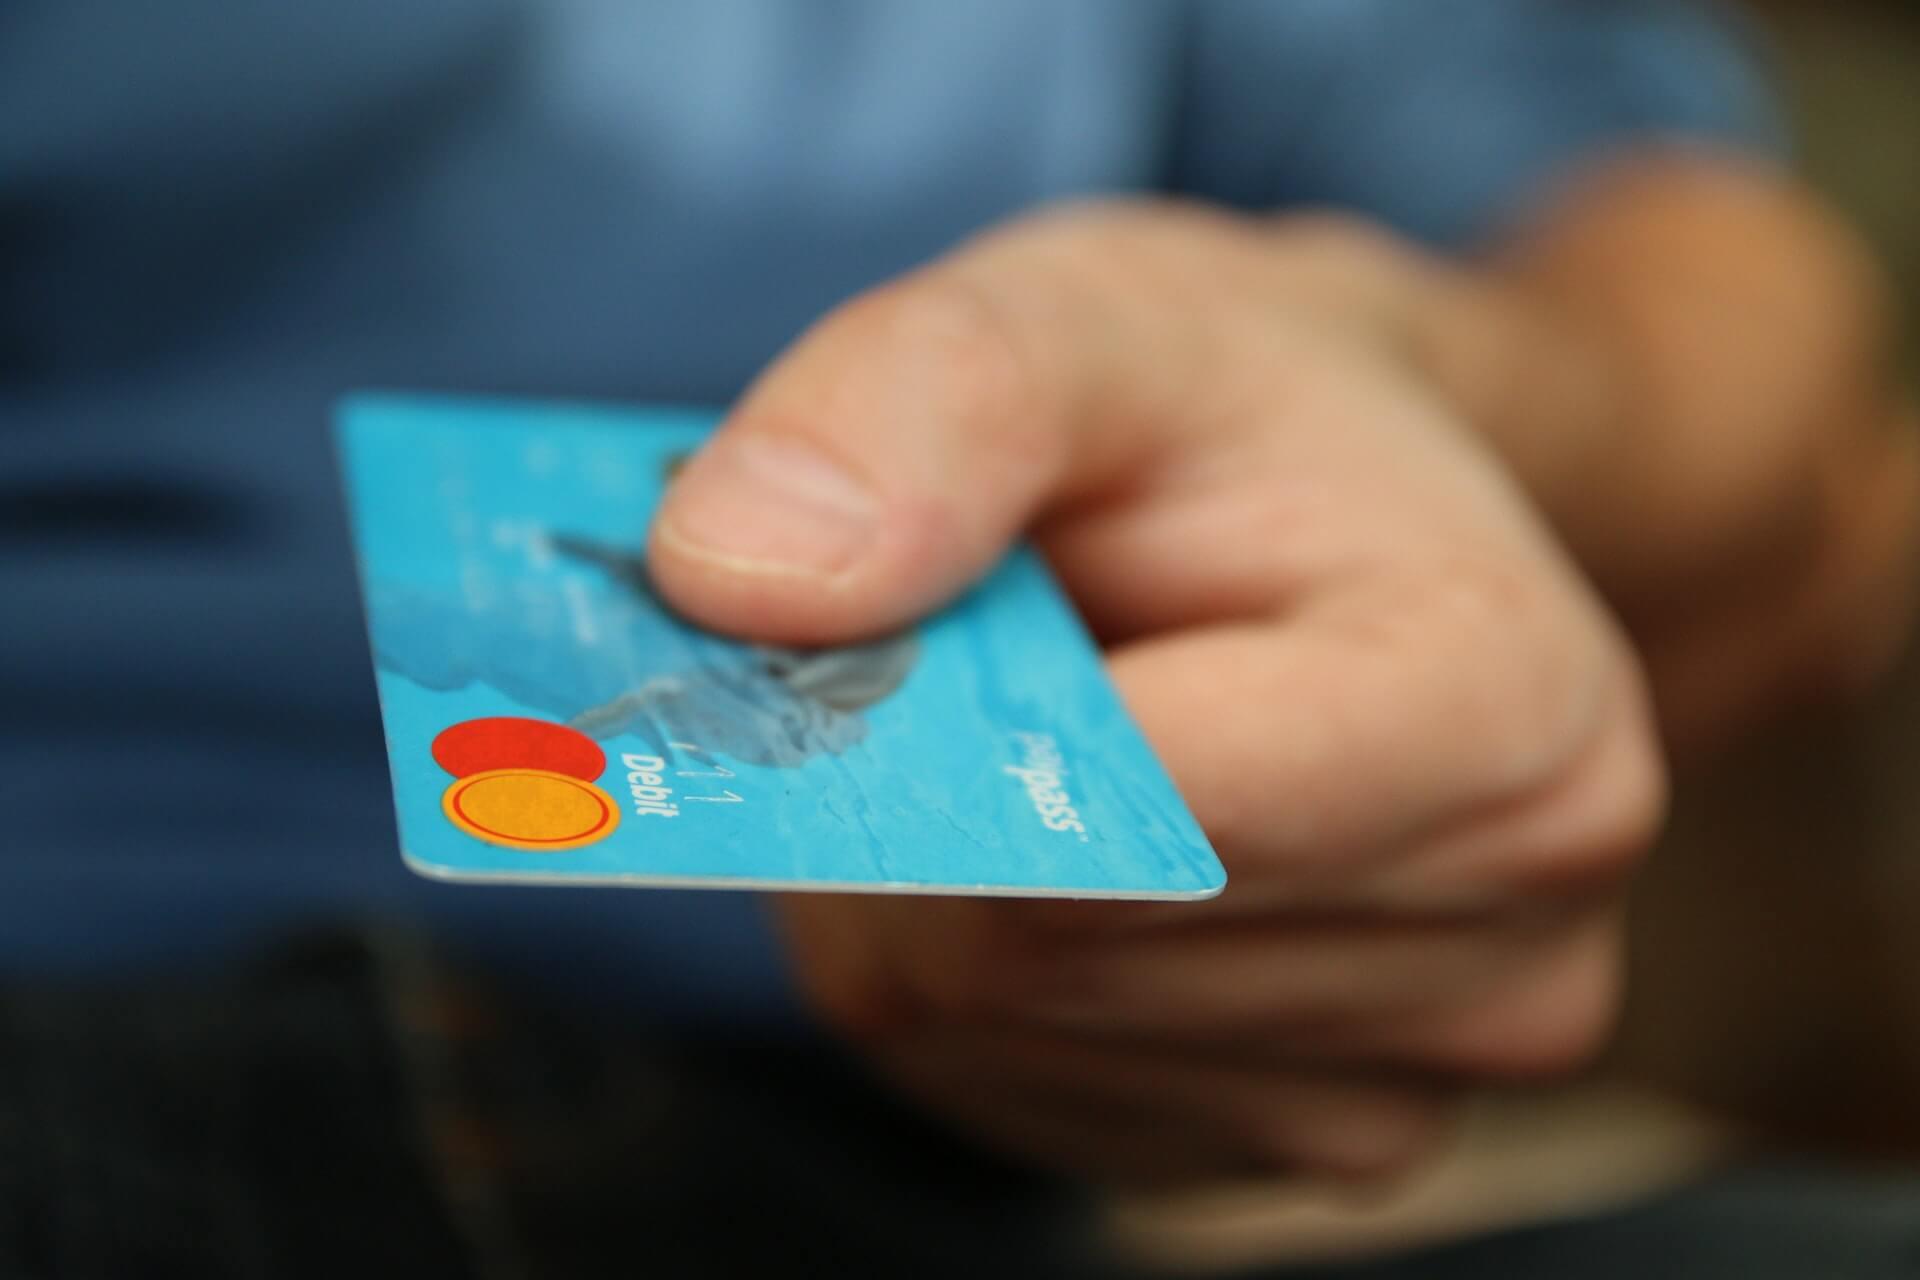 Cartões de débito para crianças